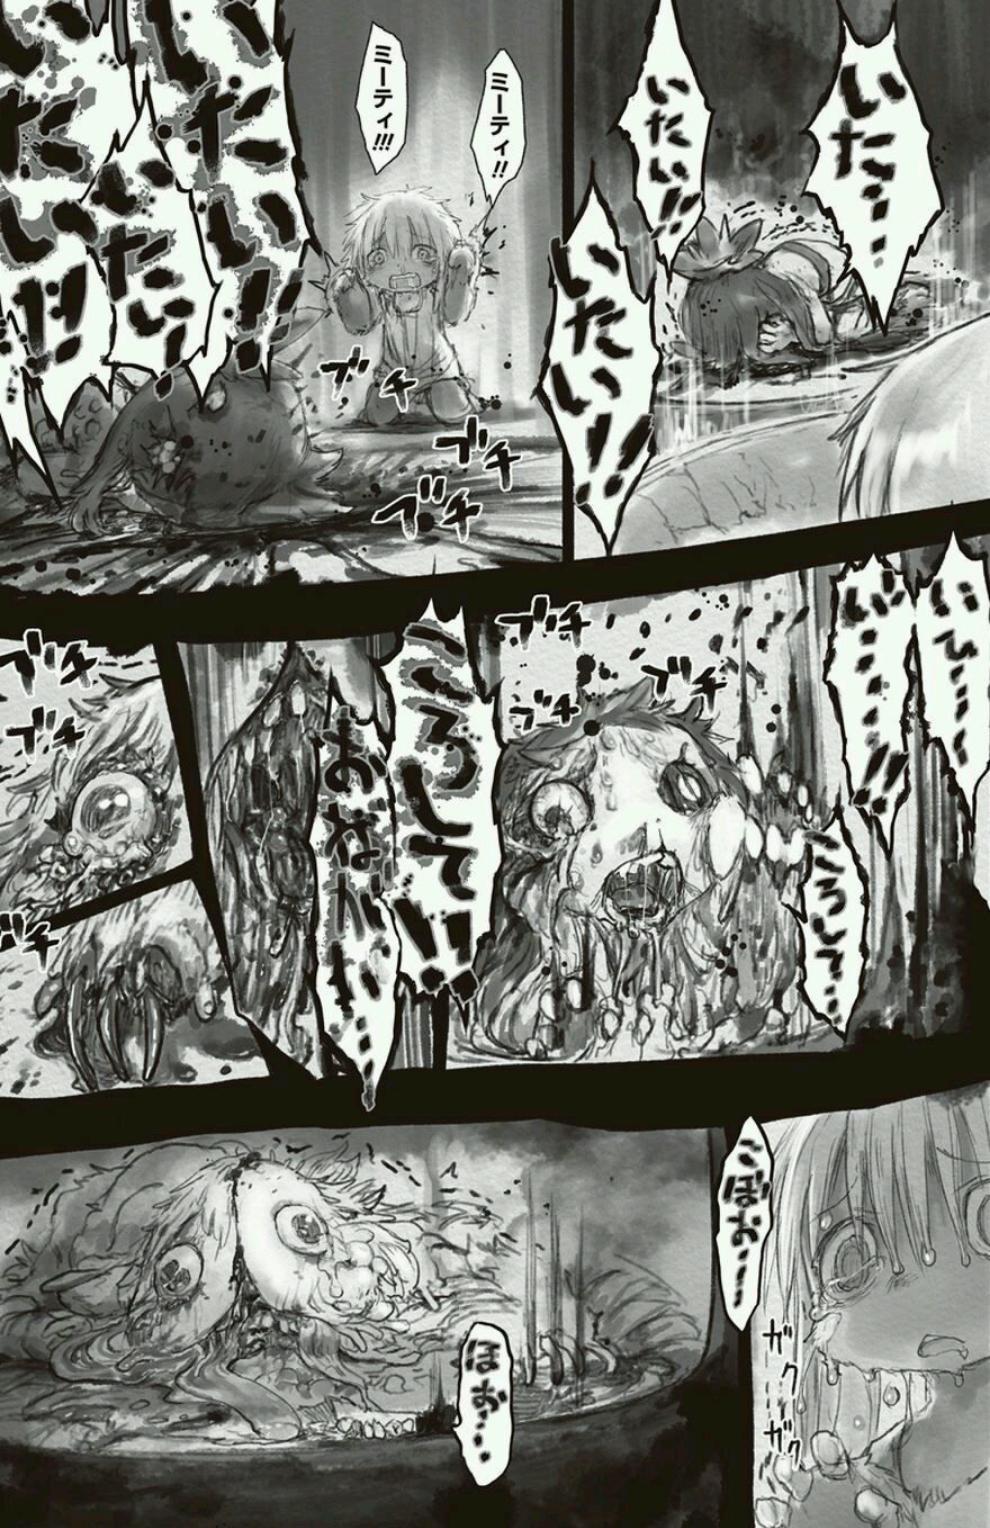 Share 放送中新作アニメハッシュ保管スレ220 [無断転載禁止]©2ch.netYouTube動画>5本 ->画像>163枚